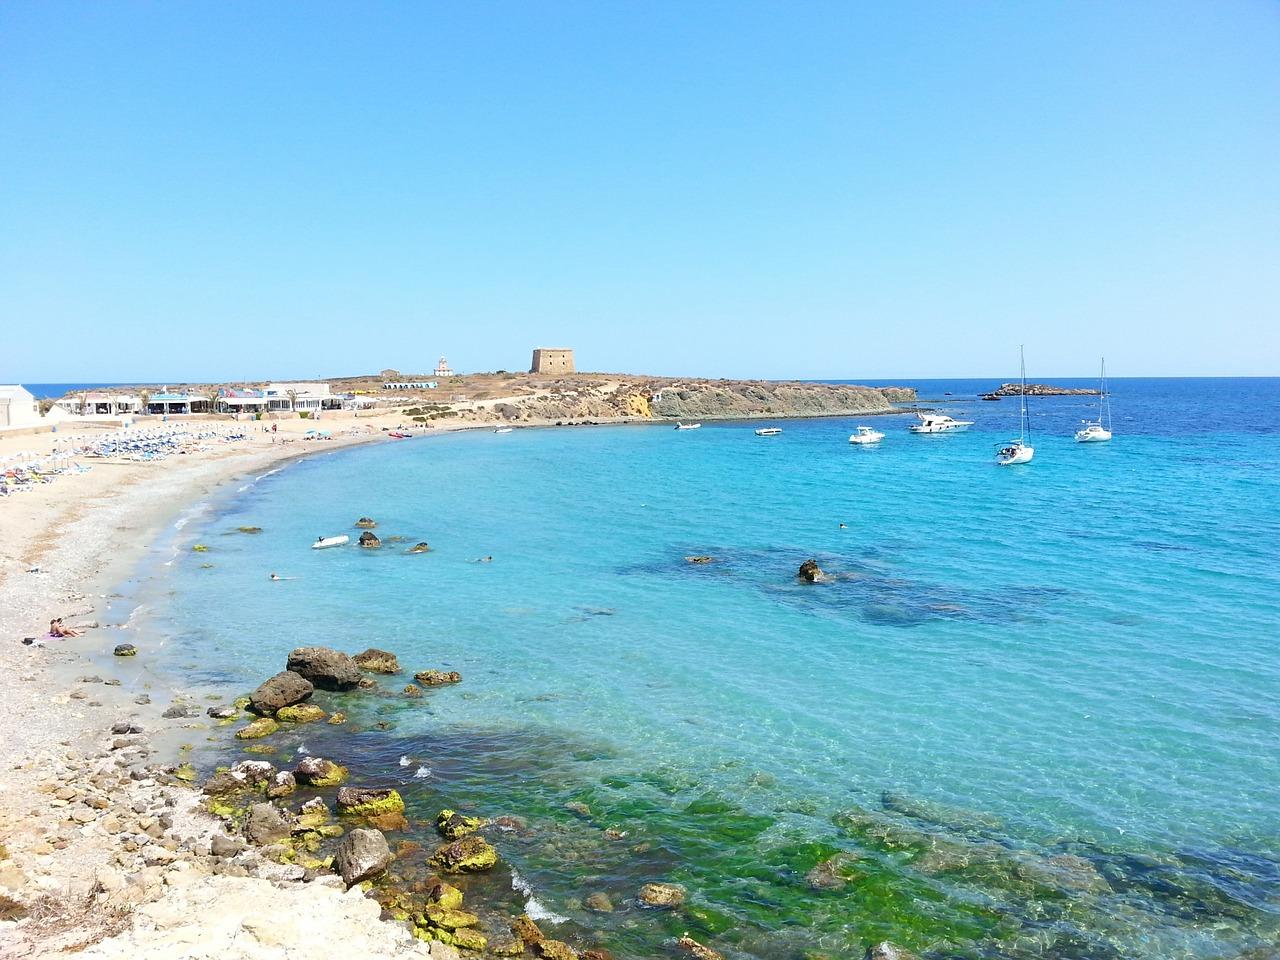 Visita a la isla de tabarca hotel lamo alicante - Alojamiento en isla de tabarca ...